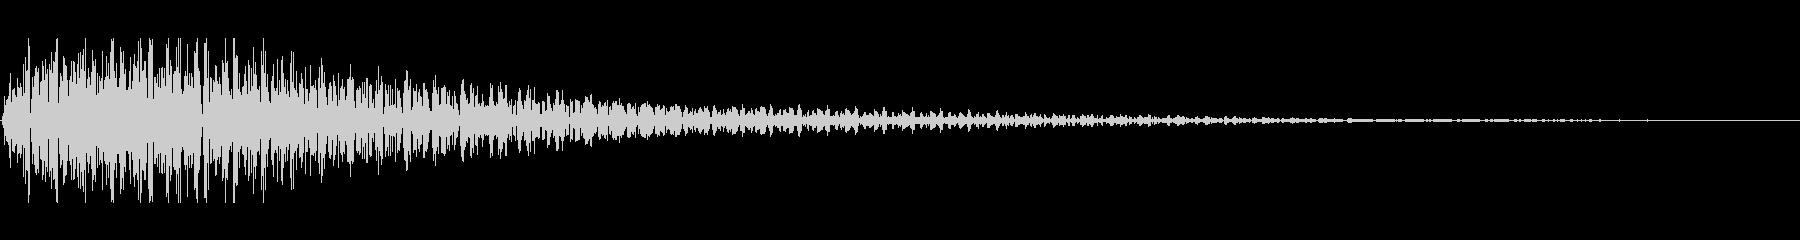 SFの開閉音3の未再生の波形